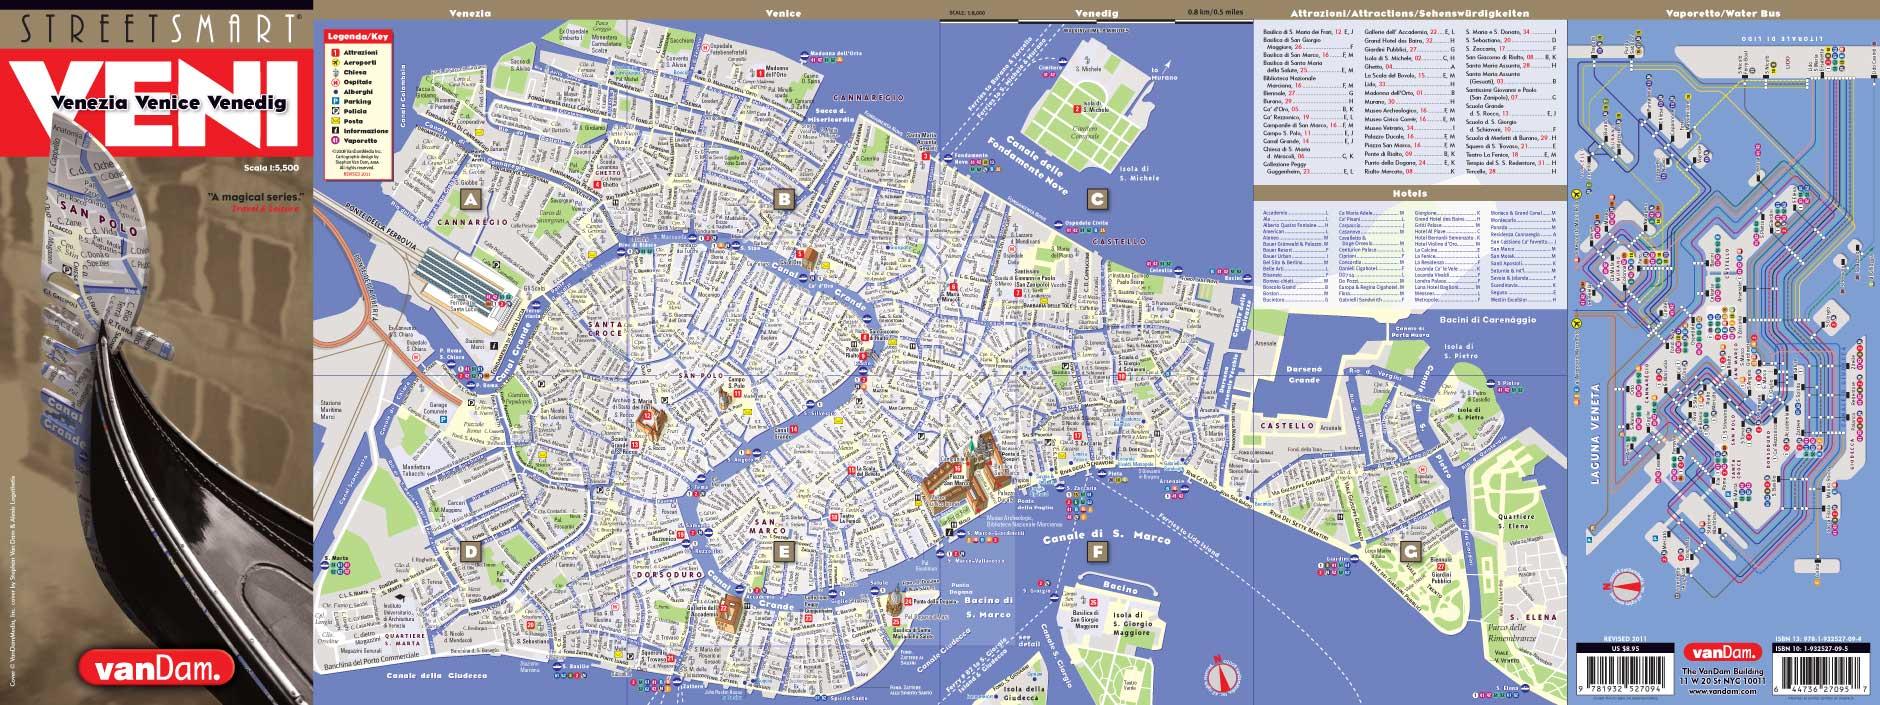 Venice Map By VanDam Venice StreetSmart Map City Street Maps - Nyc unfolds map